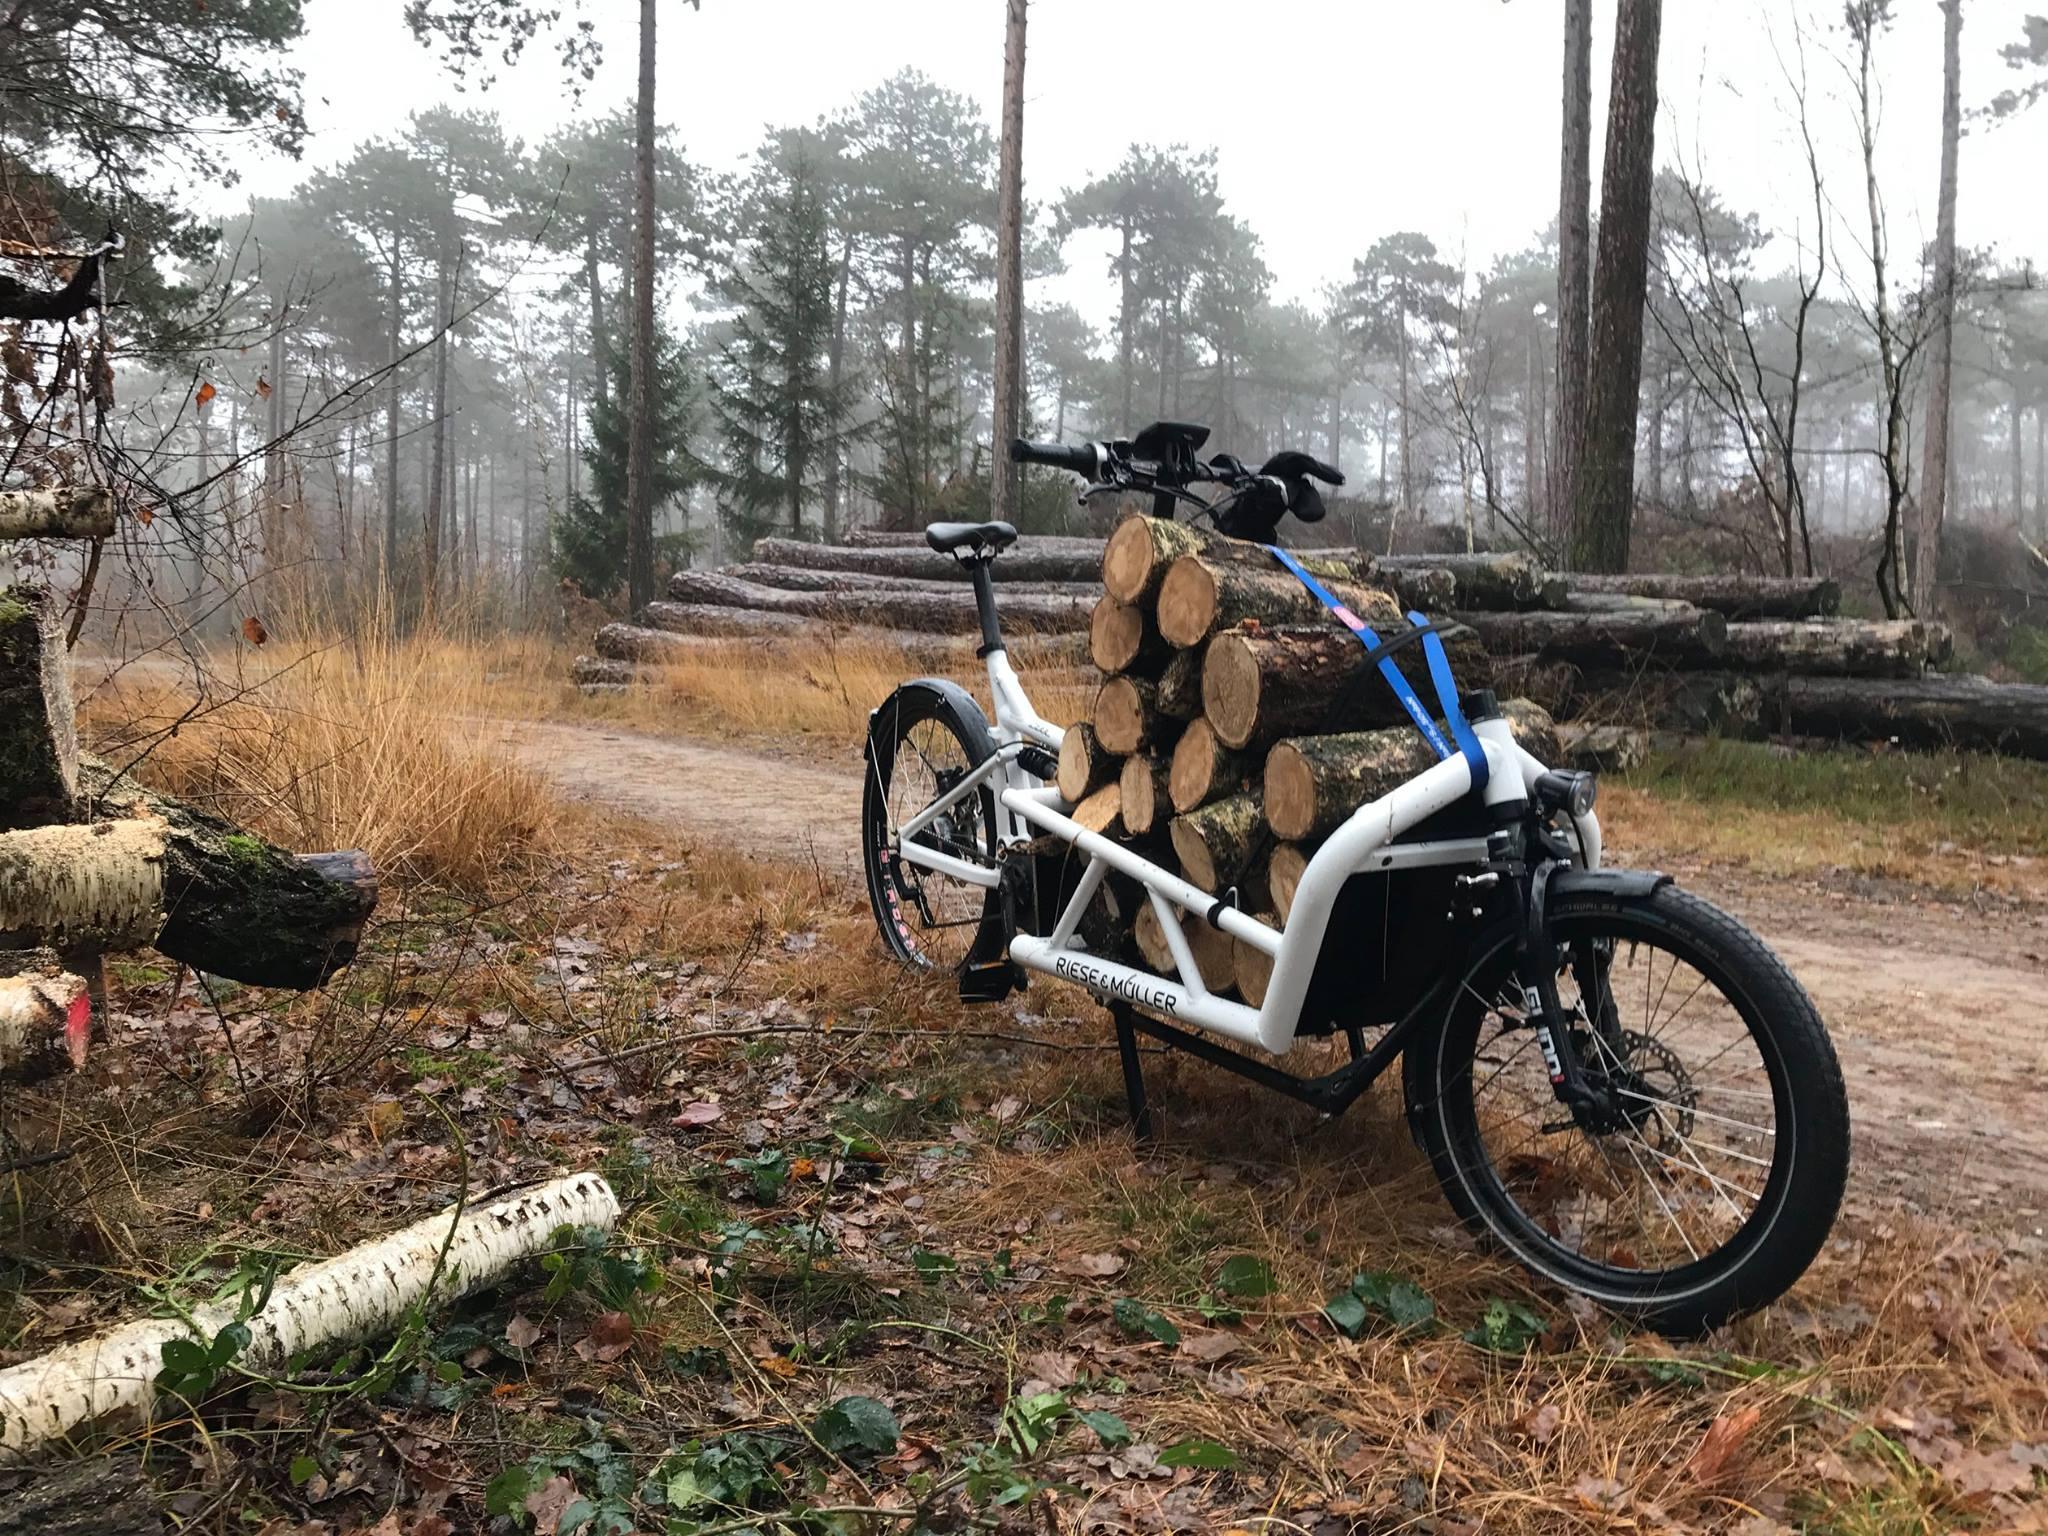 """""""Oft habe ich gar nichts zu transportieren. Lastenrad fahren macht auch ohne Ladung wahnsinnig viel Spaß. Wenn es dann doch etwas zu transportieren gibt, bin ich der King auf der Straße"""" - Thorsten Larschow"""